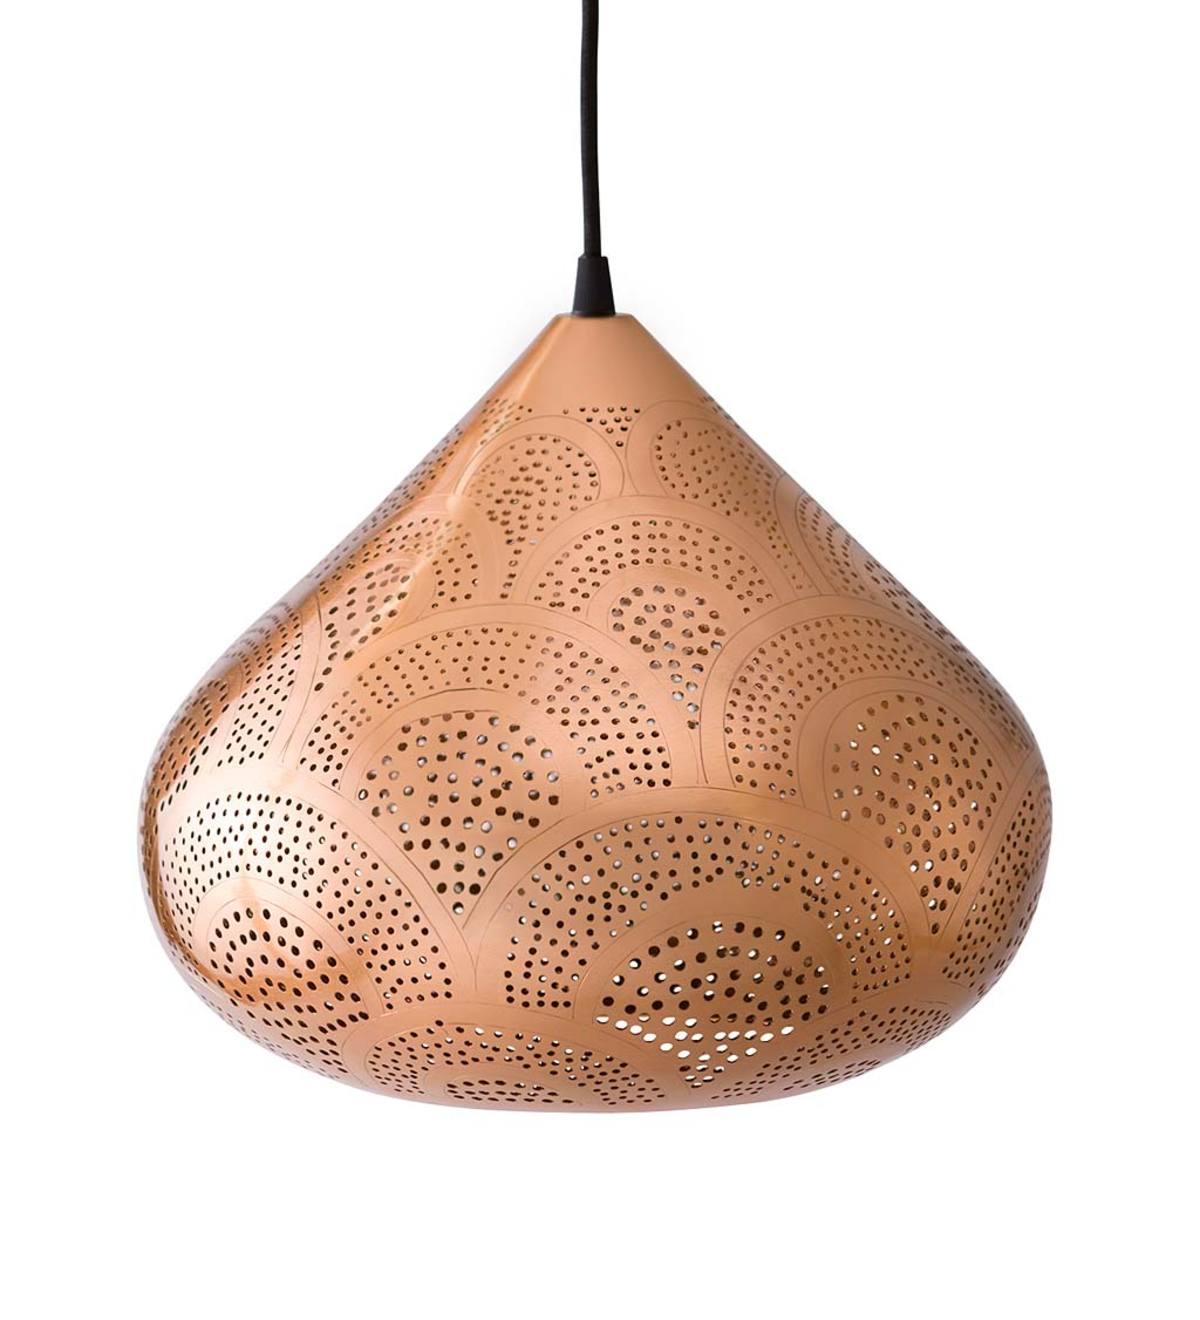 Copper Finish Moroccan Pendant Light Small Vivaterra